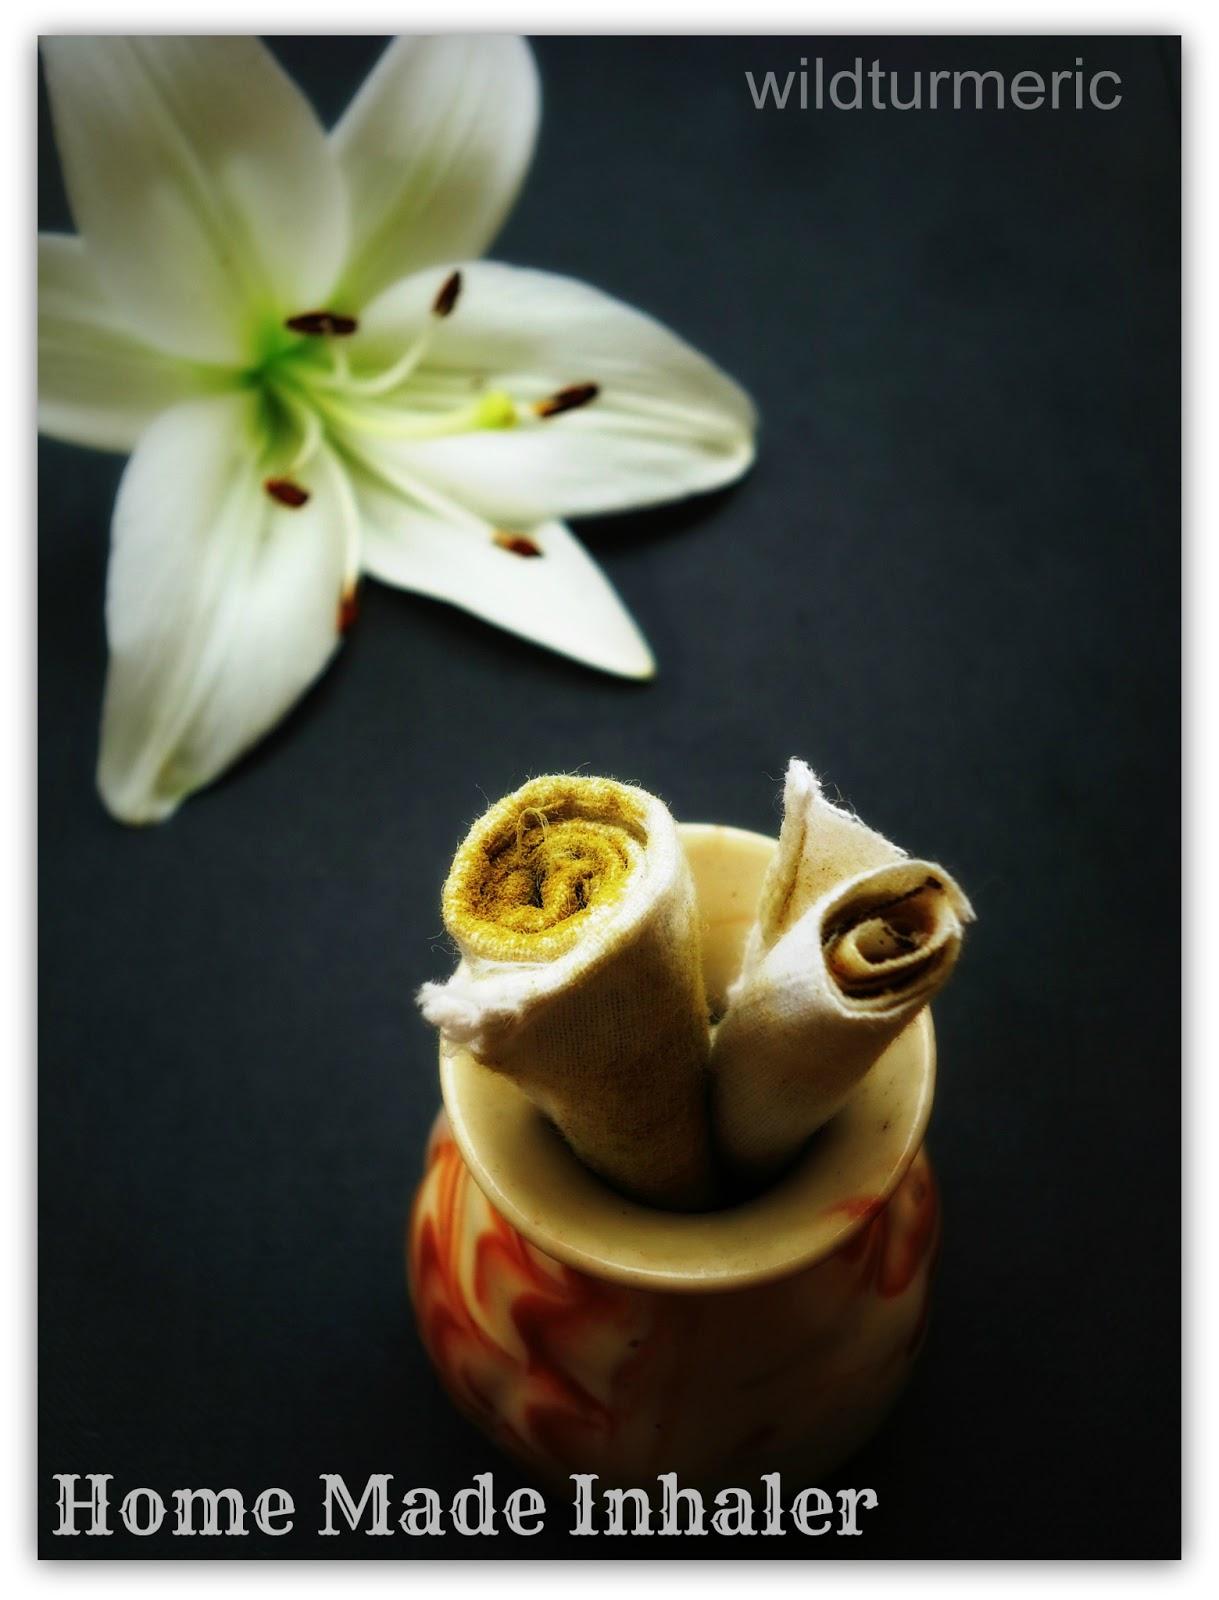 Natural Homemade Inhaler for Cold & Blocked Nose